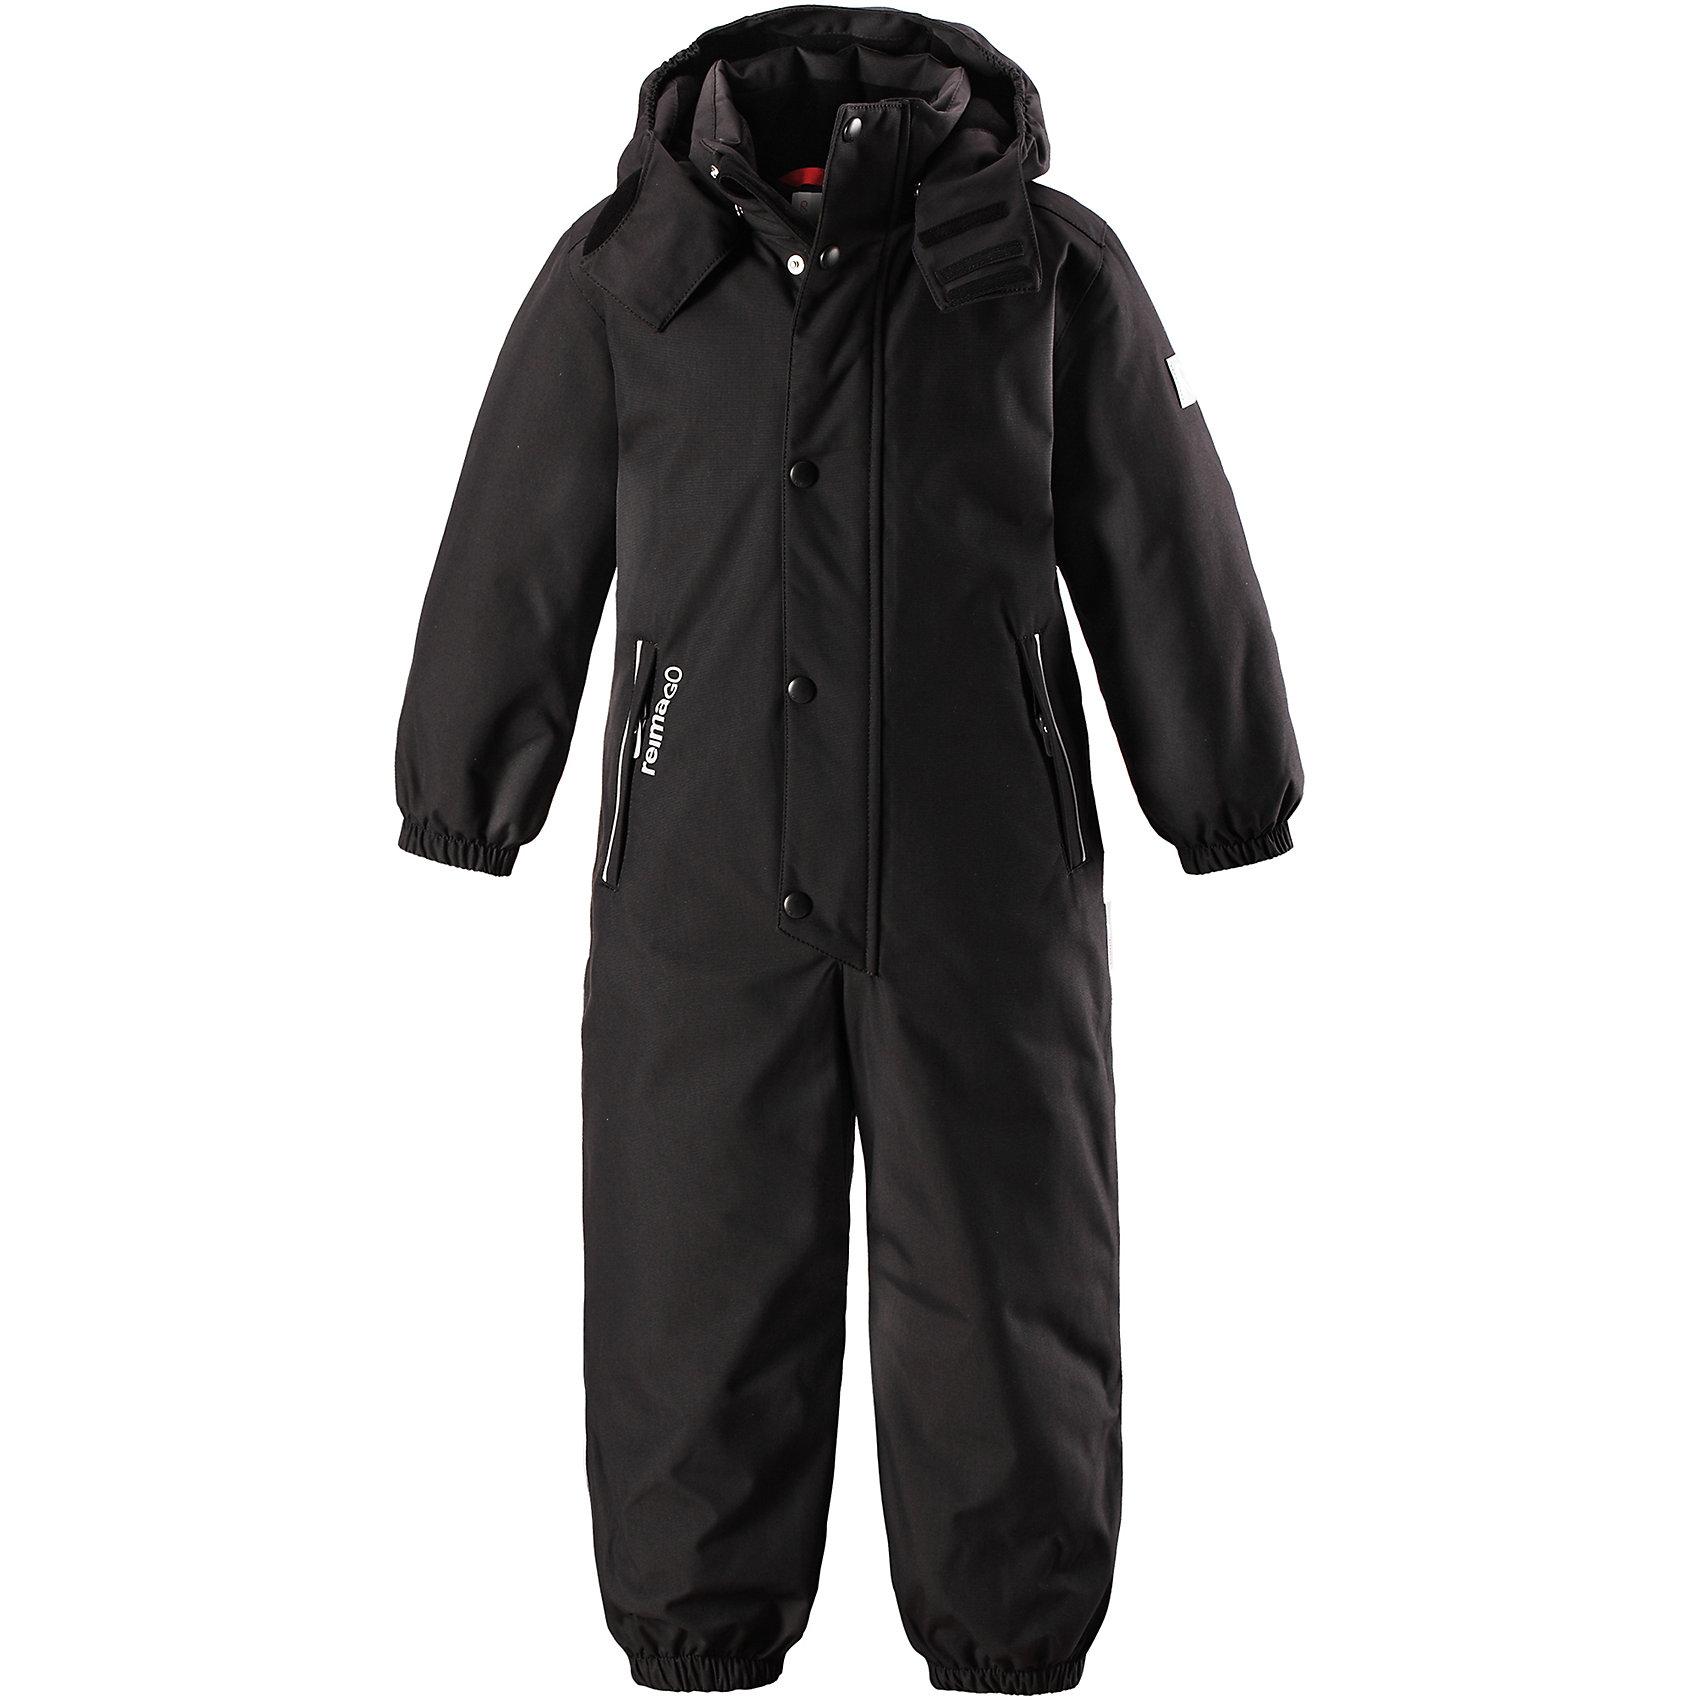 Комбинезон Kuusamo Reimatec® ReimaВерхняя одежда<br>Абсолютно непромокаемый детский зимний комбинезон Reimatec® с полностью проклеенными швами. Этот практичный комбинезон изготовлен из ветронепроницаемого и дышащего материала, поэтому вашему ребенку будет тепло и сухо, к тому же он не вспотеет. Комбинезон снабжен гладкой подкладкой из полиэстера. В этом комбинезоне прямого кроя талия при необходимости легко регулируется, что позволяет подогнать комбинезон точно по фигуре. А еще он снабжен эластичными манжетами на рукавах и концах брючин, которые регулируются застежкой на кнопках.<br><br>Съемный и регулируемый капюшон защищает от пронизывающего ветра, а еще он безопасен во время игр на свежем воздухе. Кнопки легко отстегиваются, если капюшон случайно за что-нибудь зацепится. Съемные и регулируемые силиконовые штрипки не дают концам брючин выбиваться из обуви, бегай сколько хочешь! Два кармана на молнии и специальный карман с кнопками для сенсора ReimaGO®. Материал имеет грязеотталкивающую поверхность, и при этом его можно сушить в сушильной машине. Светоотражающие детали довершают образ.<br>Состав:<br>100% Полиамид<br><br>Ширина мм: 356<br>Глубина мм: 10<br>Высота мм: 245<br>Вес г: 519<br>Цвет: черный<br>Возраст от месяцев: 48<br>Возраст до месяцев: 60<br>Пол: Унисекс<br>Возраст: Детский<br>Размер: 110,116,122,128,104<br>SKU: 6907394